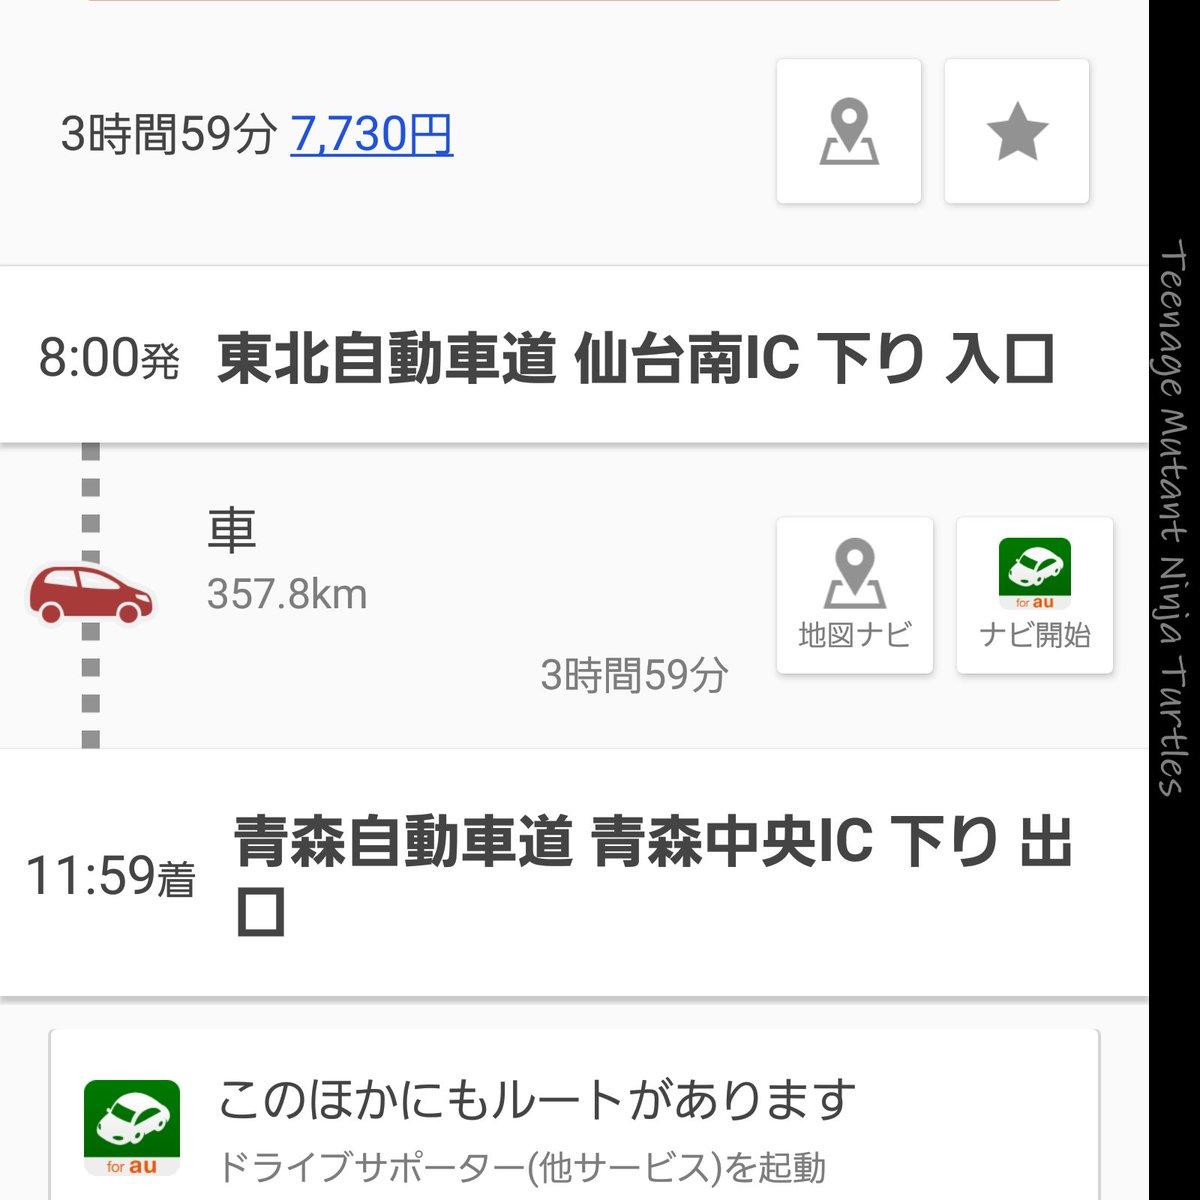 test ツイッターメディア - 仕事終わりっ!今日は運転が長かった😅 ETCの料金表示見てビックリした。奈々未さーん!(関係ない) 今日走った距離だけで見ると、片道で仙台から三重県くらいまで行ける。でも田舎のガラガラの高速と首都高東名あたりを比べるのはフェアじゃないね笑 https://t.co/O9CPrz5exw